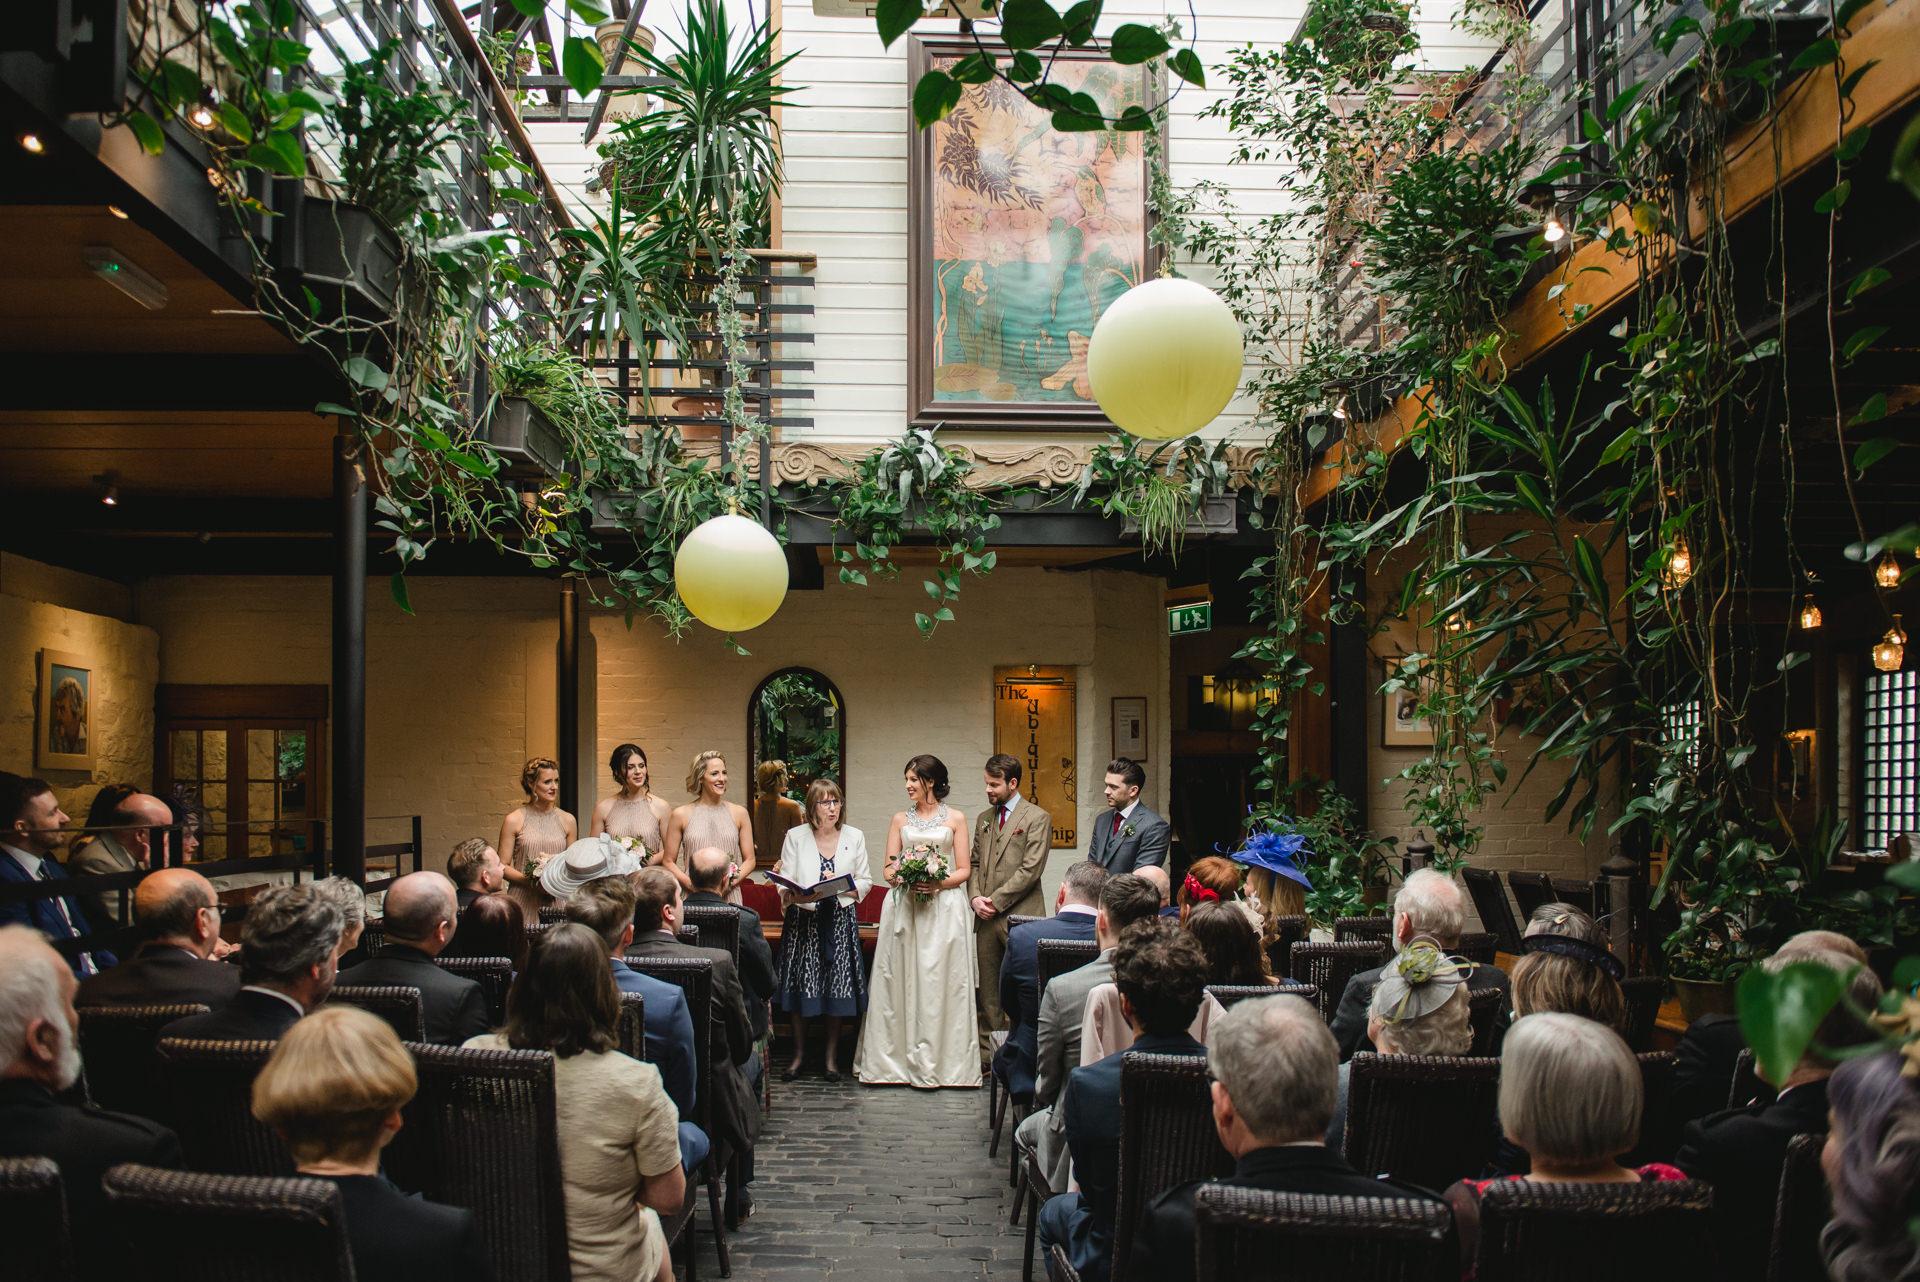 Ubiquitous chip wedding